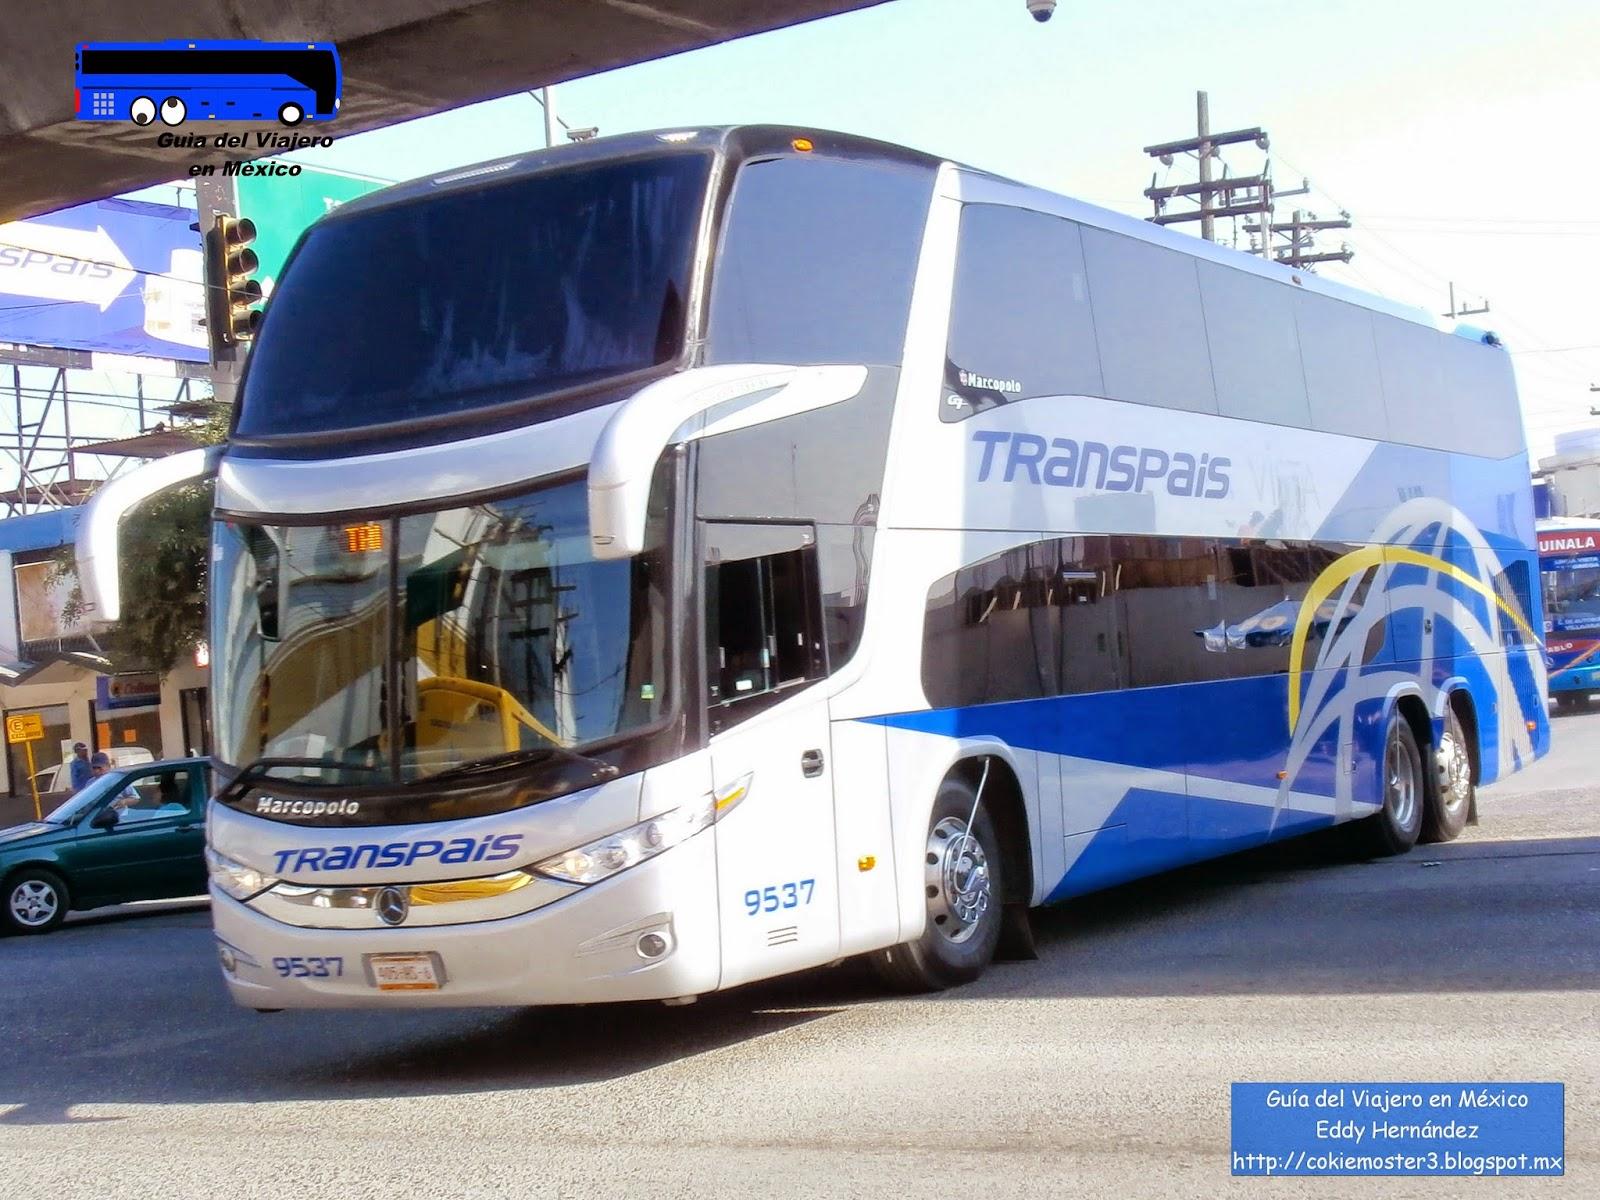 Gu a del viajero en m xico el mas bonito autob s de dos pisos en m xico - Autobuses de dos pisos ...